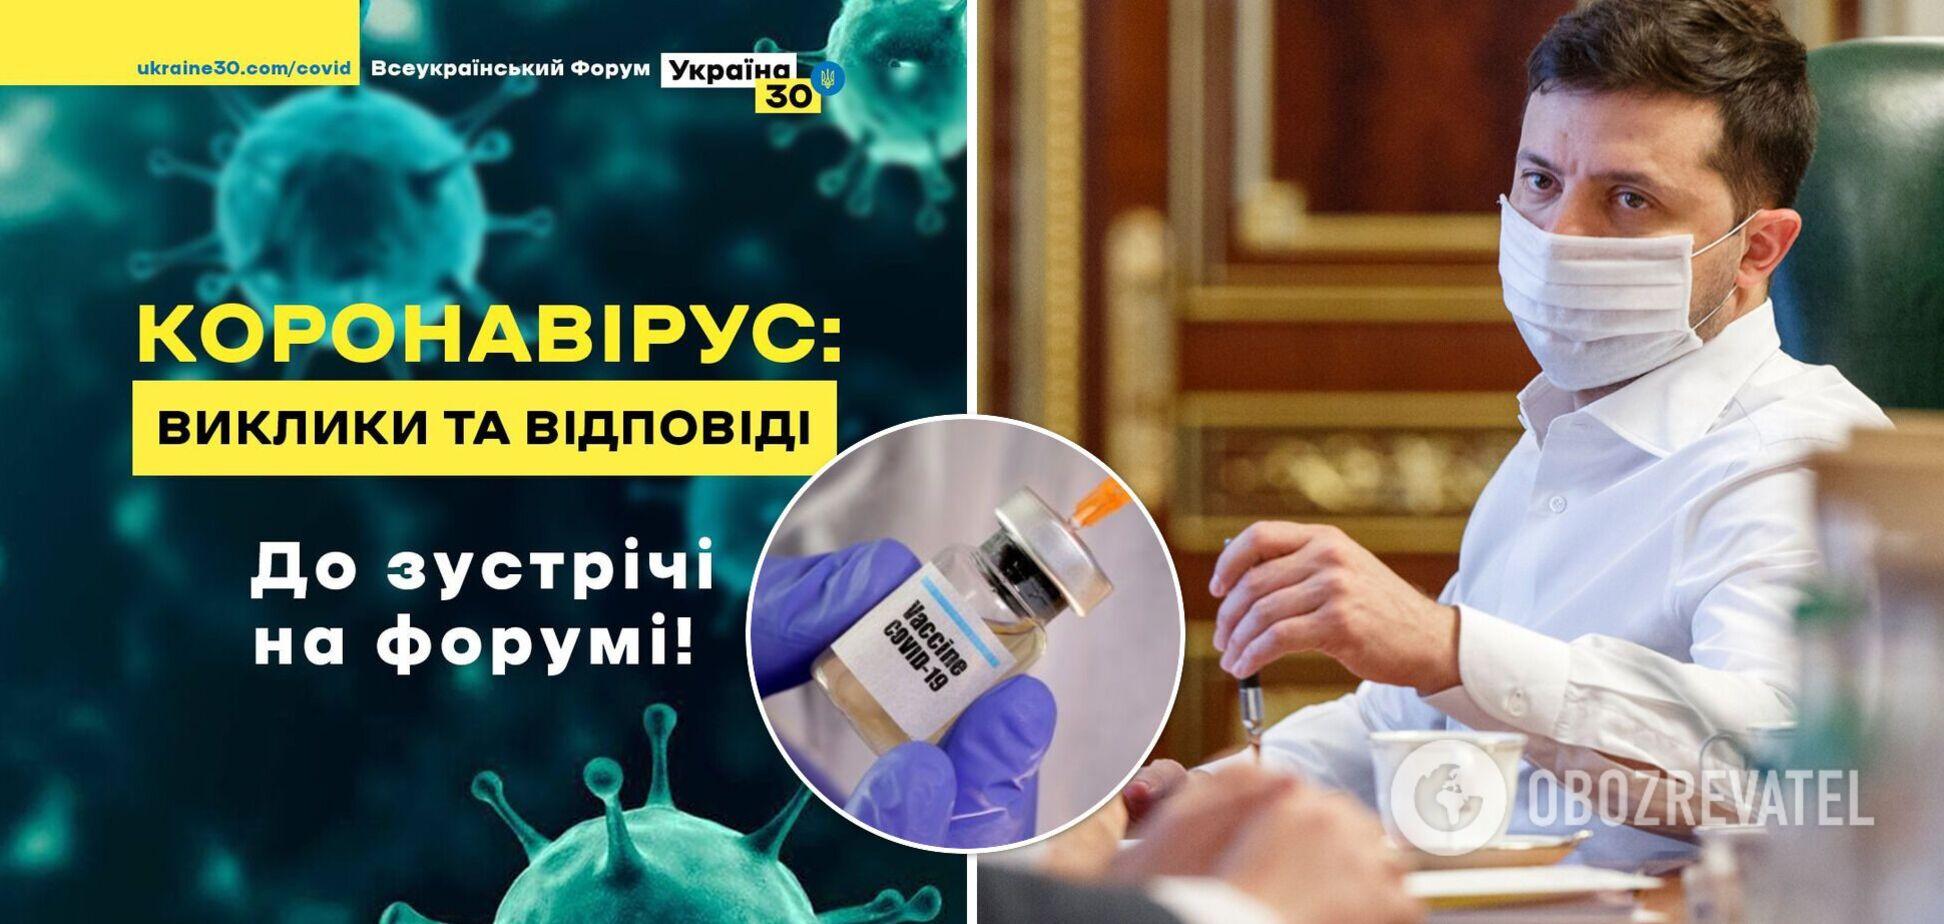 В Украине начался форум о COVID-19: выступит Зеленский и глава ВОЗ. Онлайн-трансляция